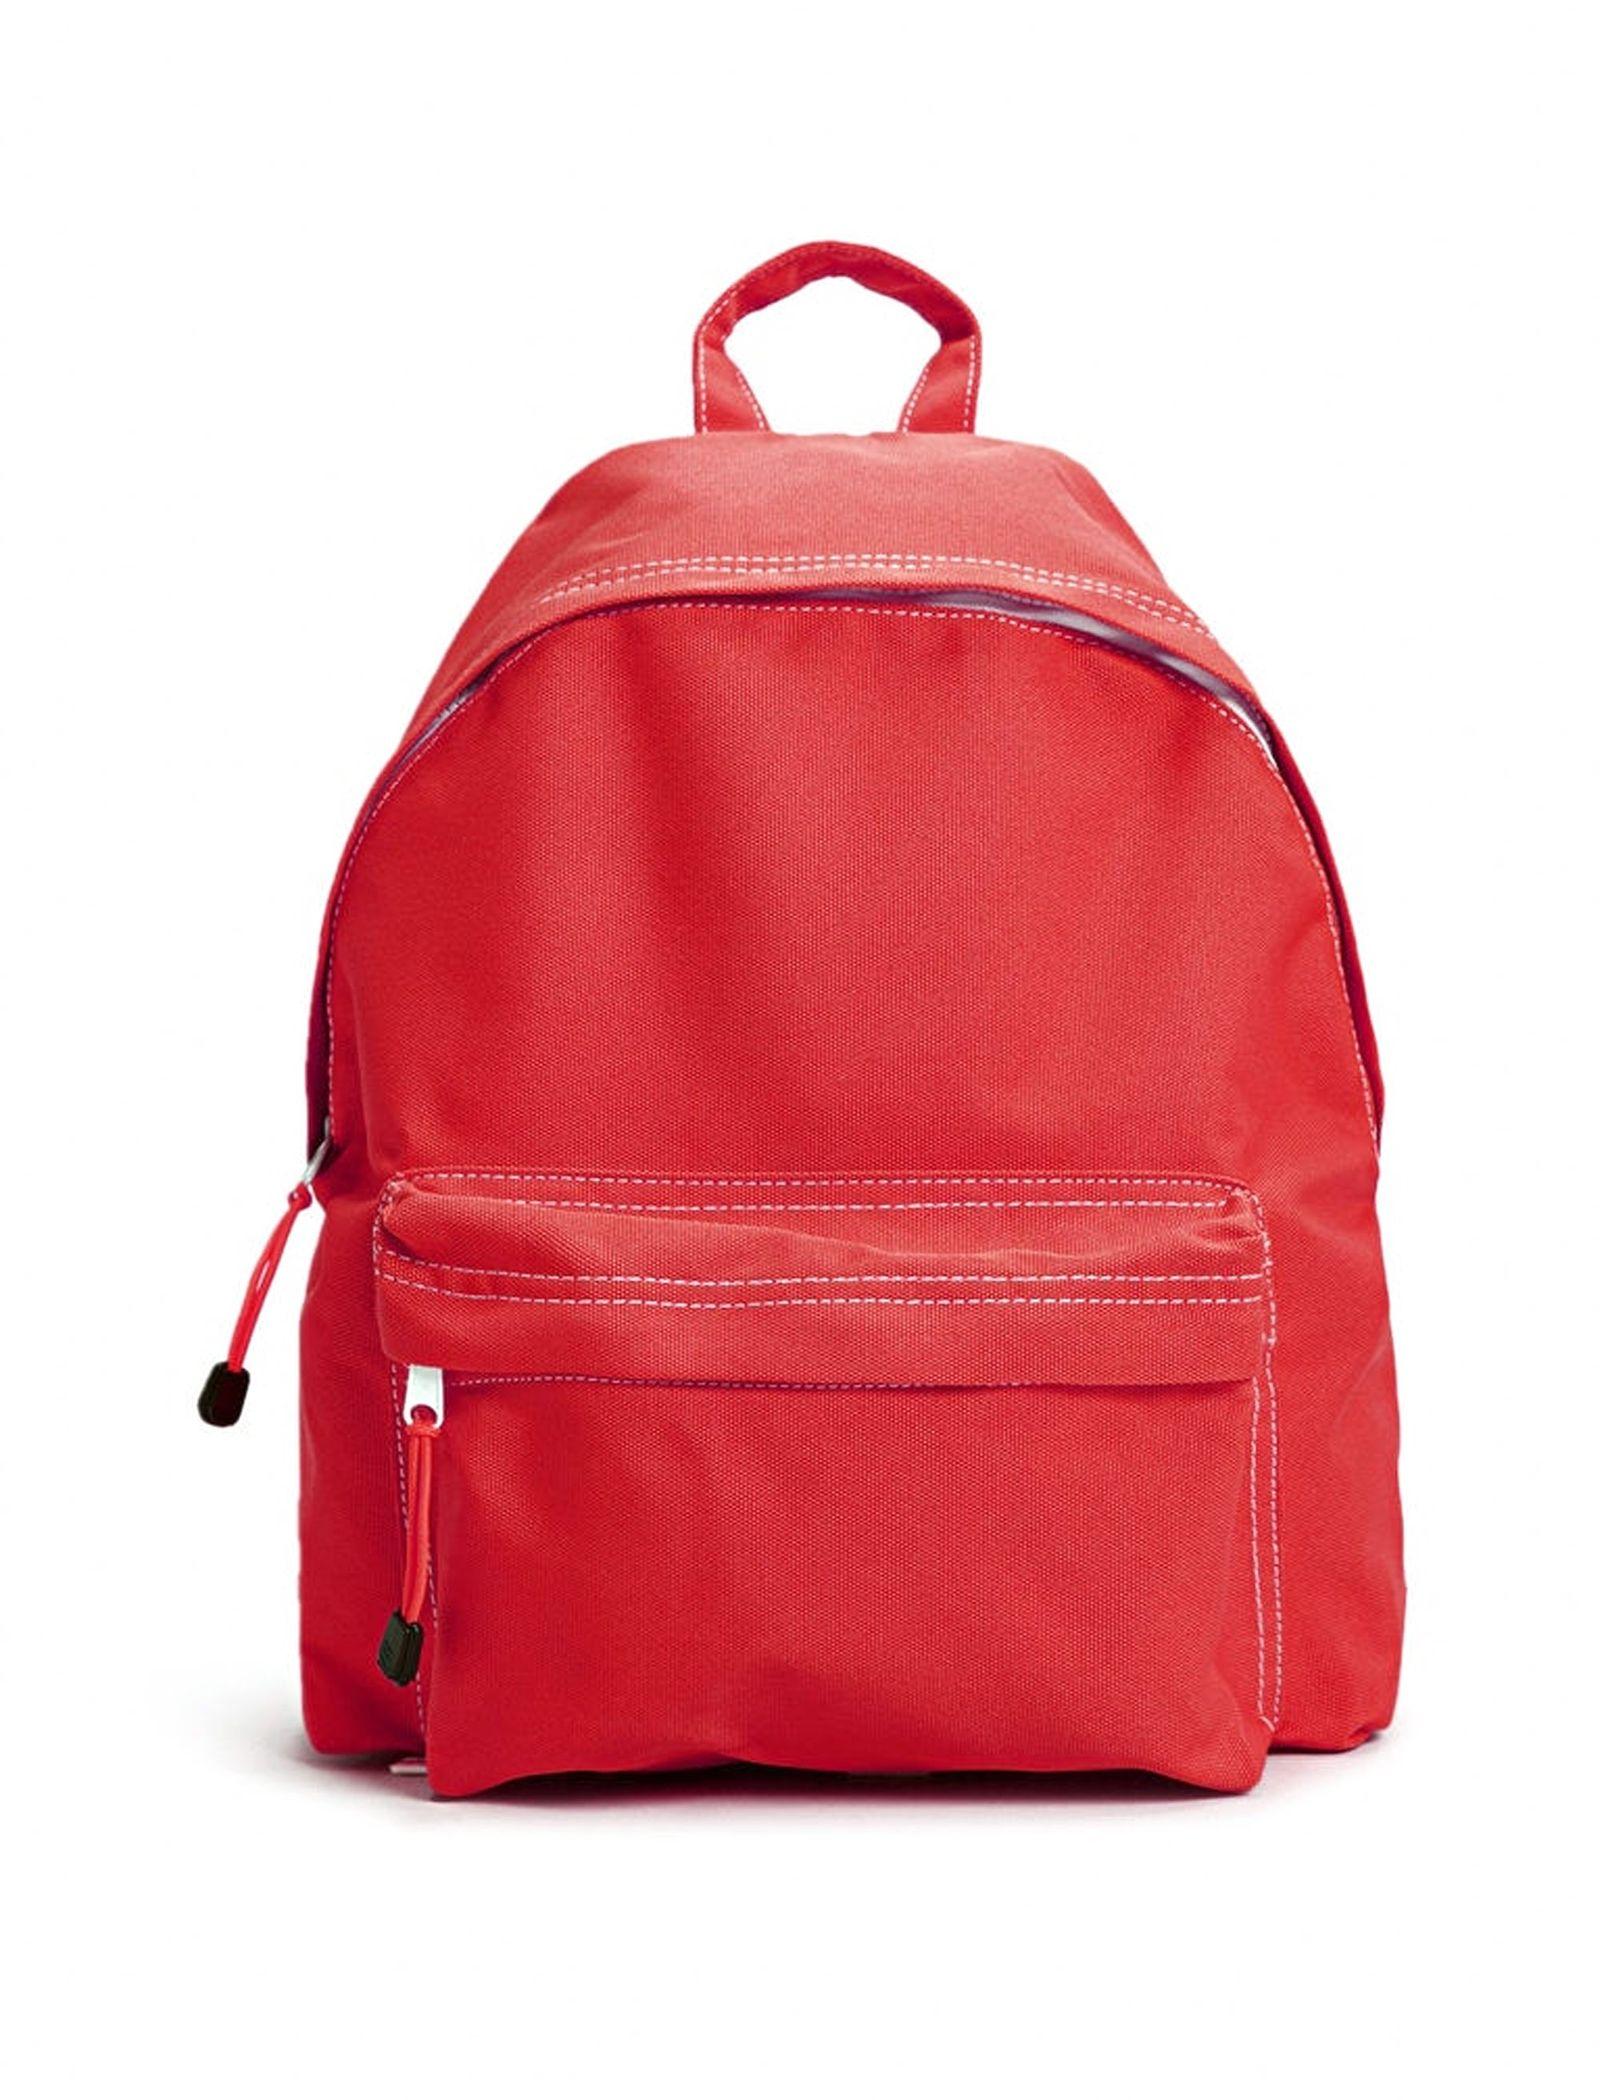 کوله پشتی روزمره مردانه - مانگو تک سایز - قرمز - 1